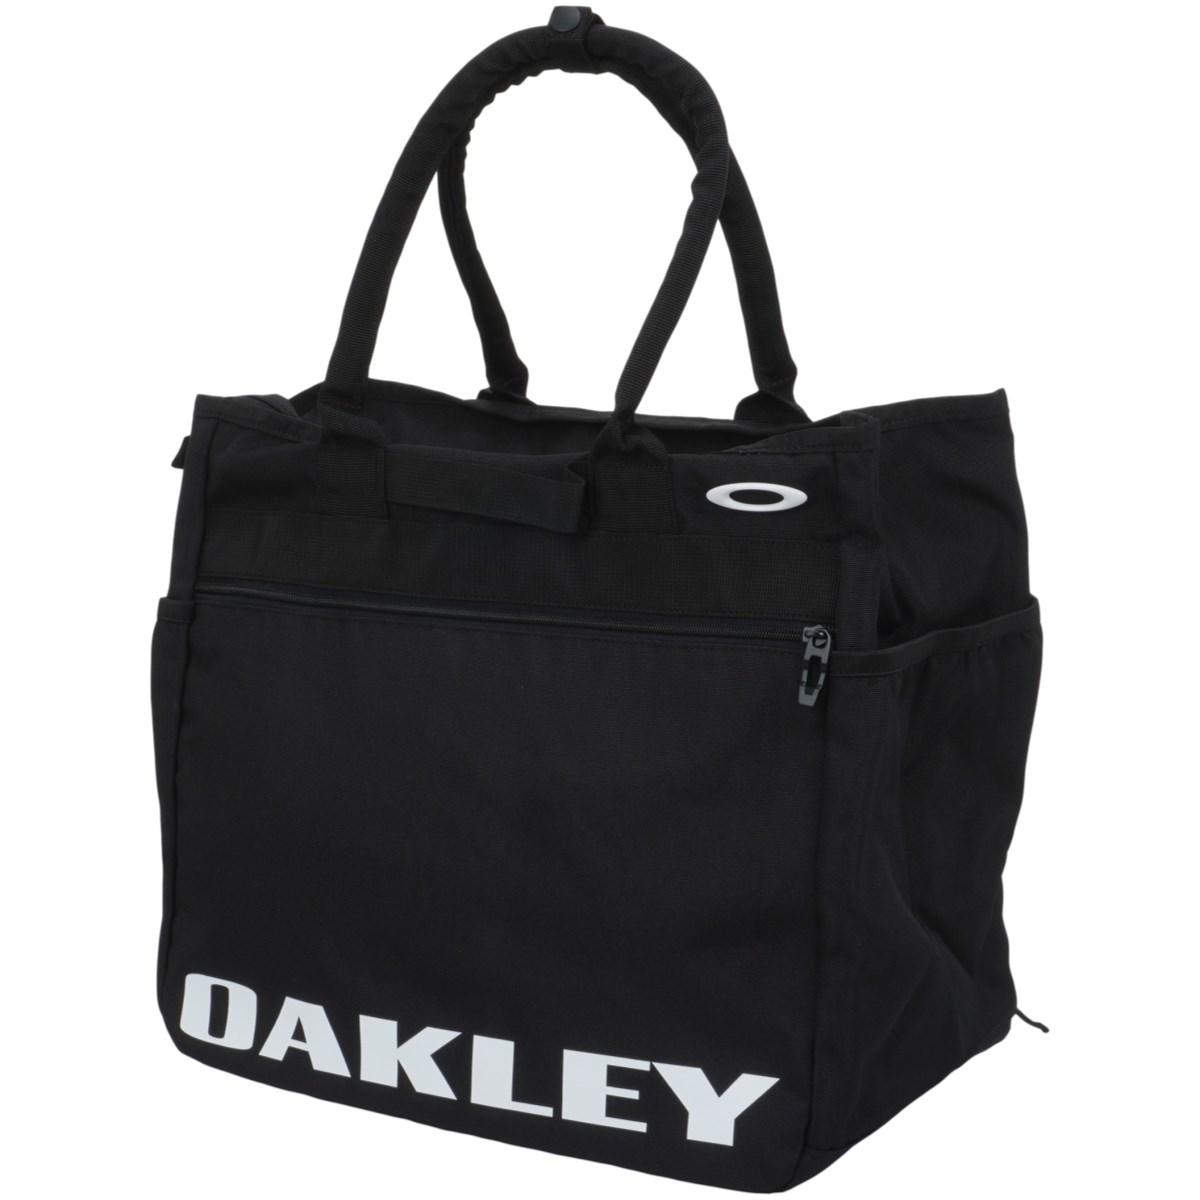 オークリー OAKLEY トートバッグ 15.0 ブラックアウト